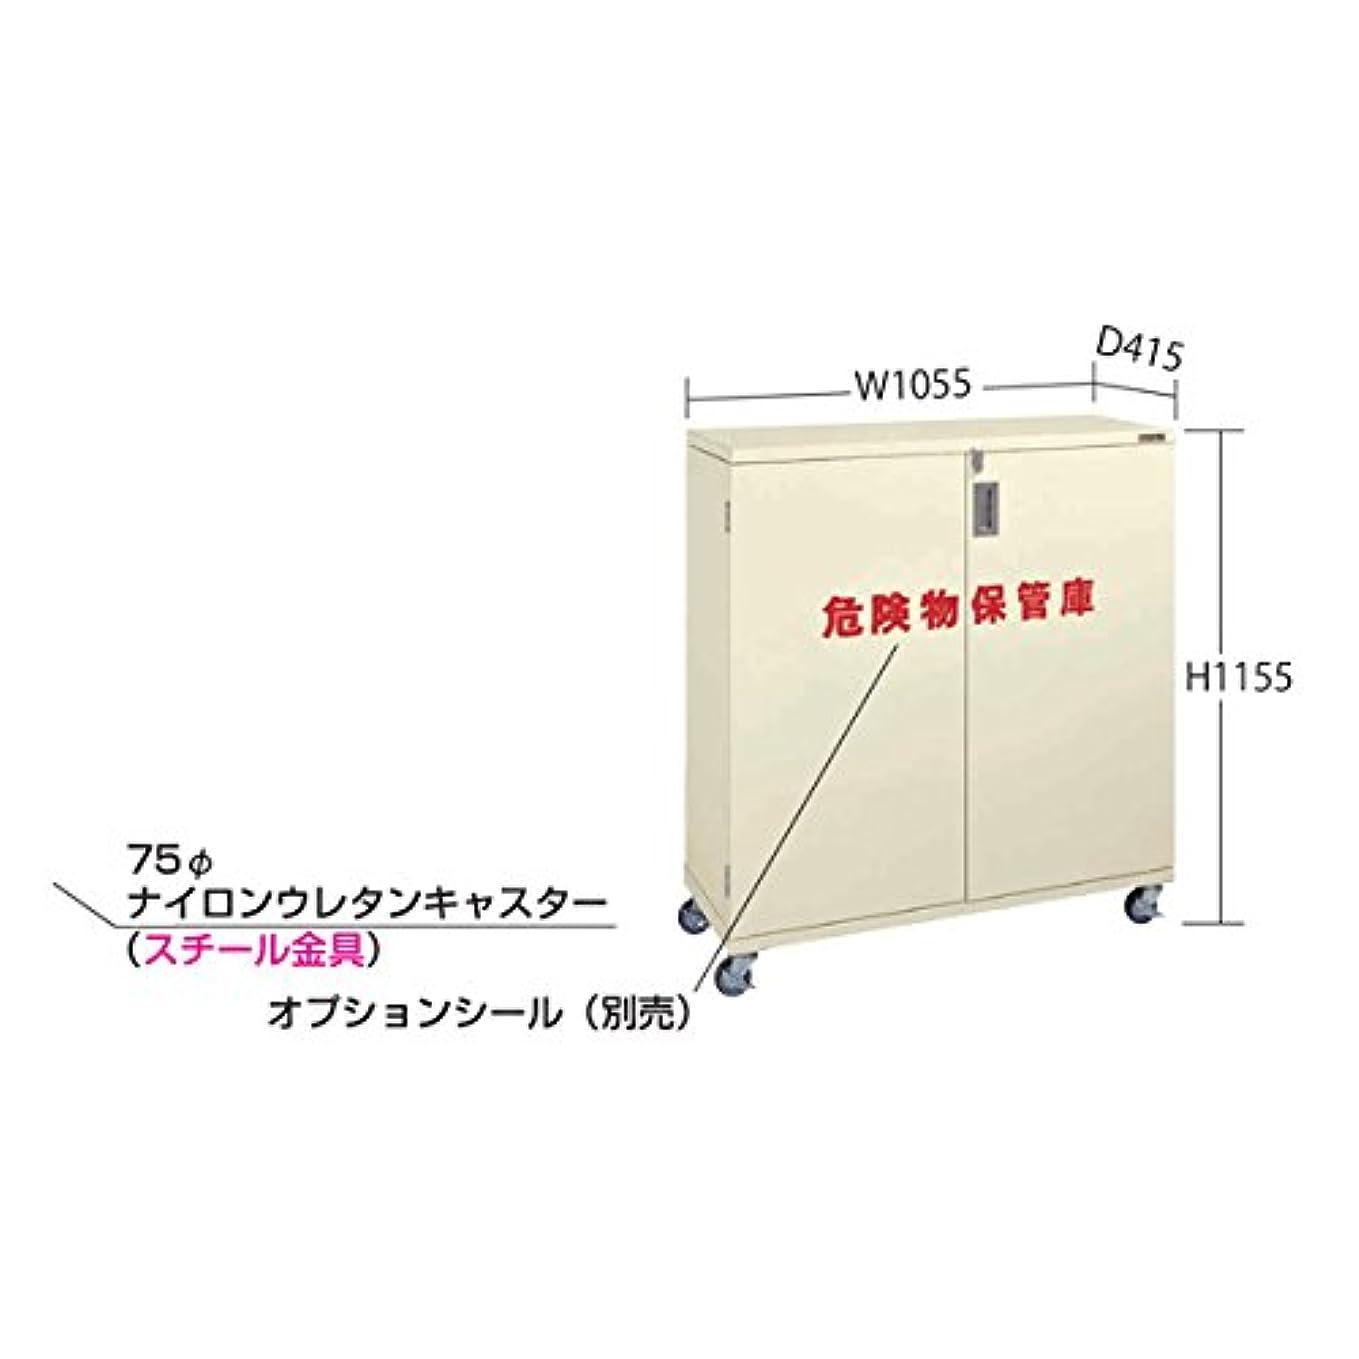 子供達変化ログ一斗缶保管庫(スチールタイプ) 移動式 KU-ITKNBR